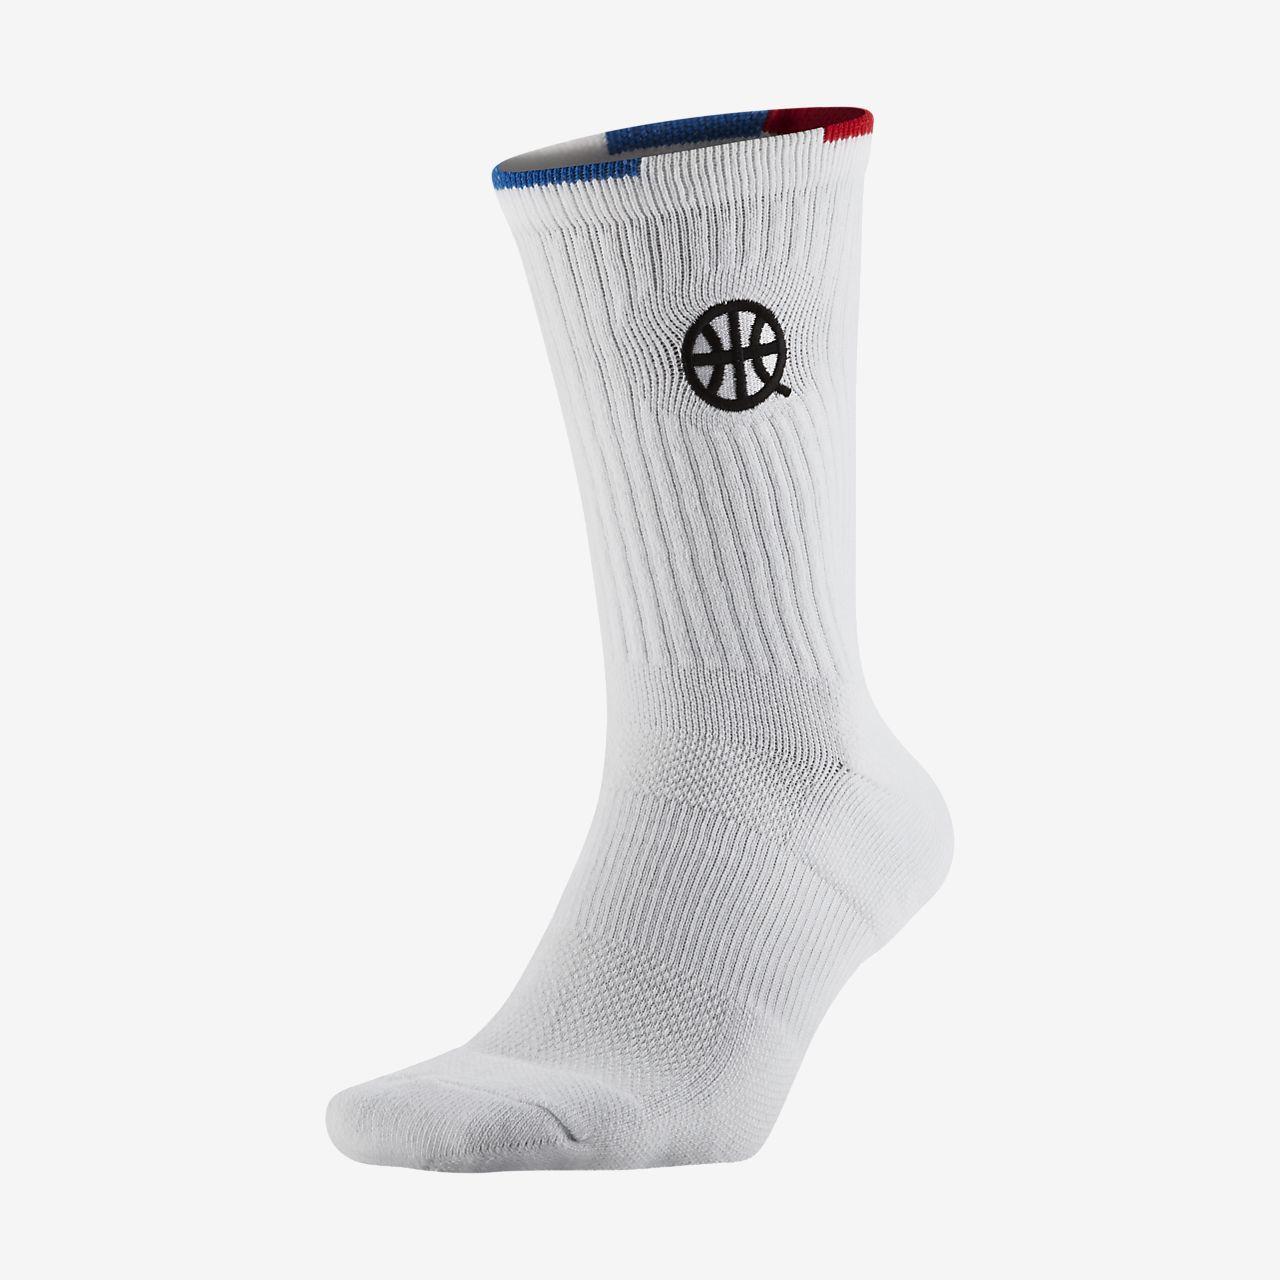 Středně vysoké ponožky Jordan Quai54